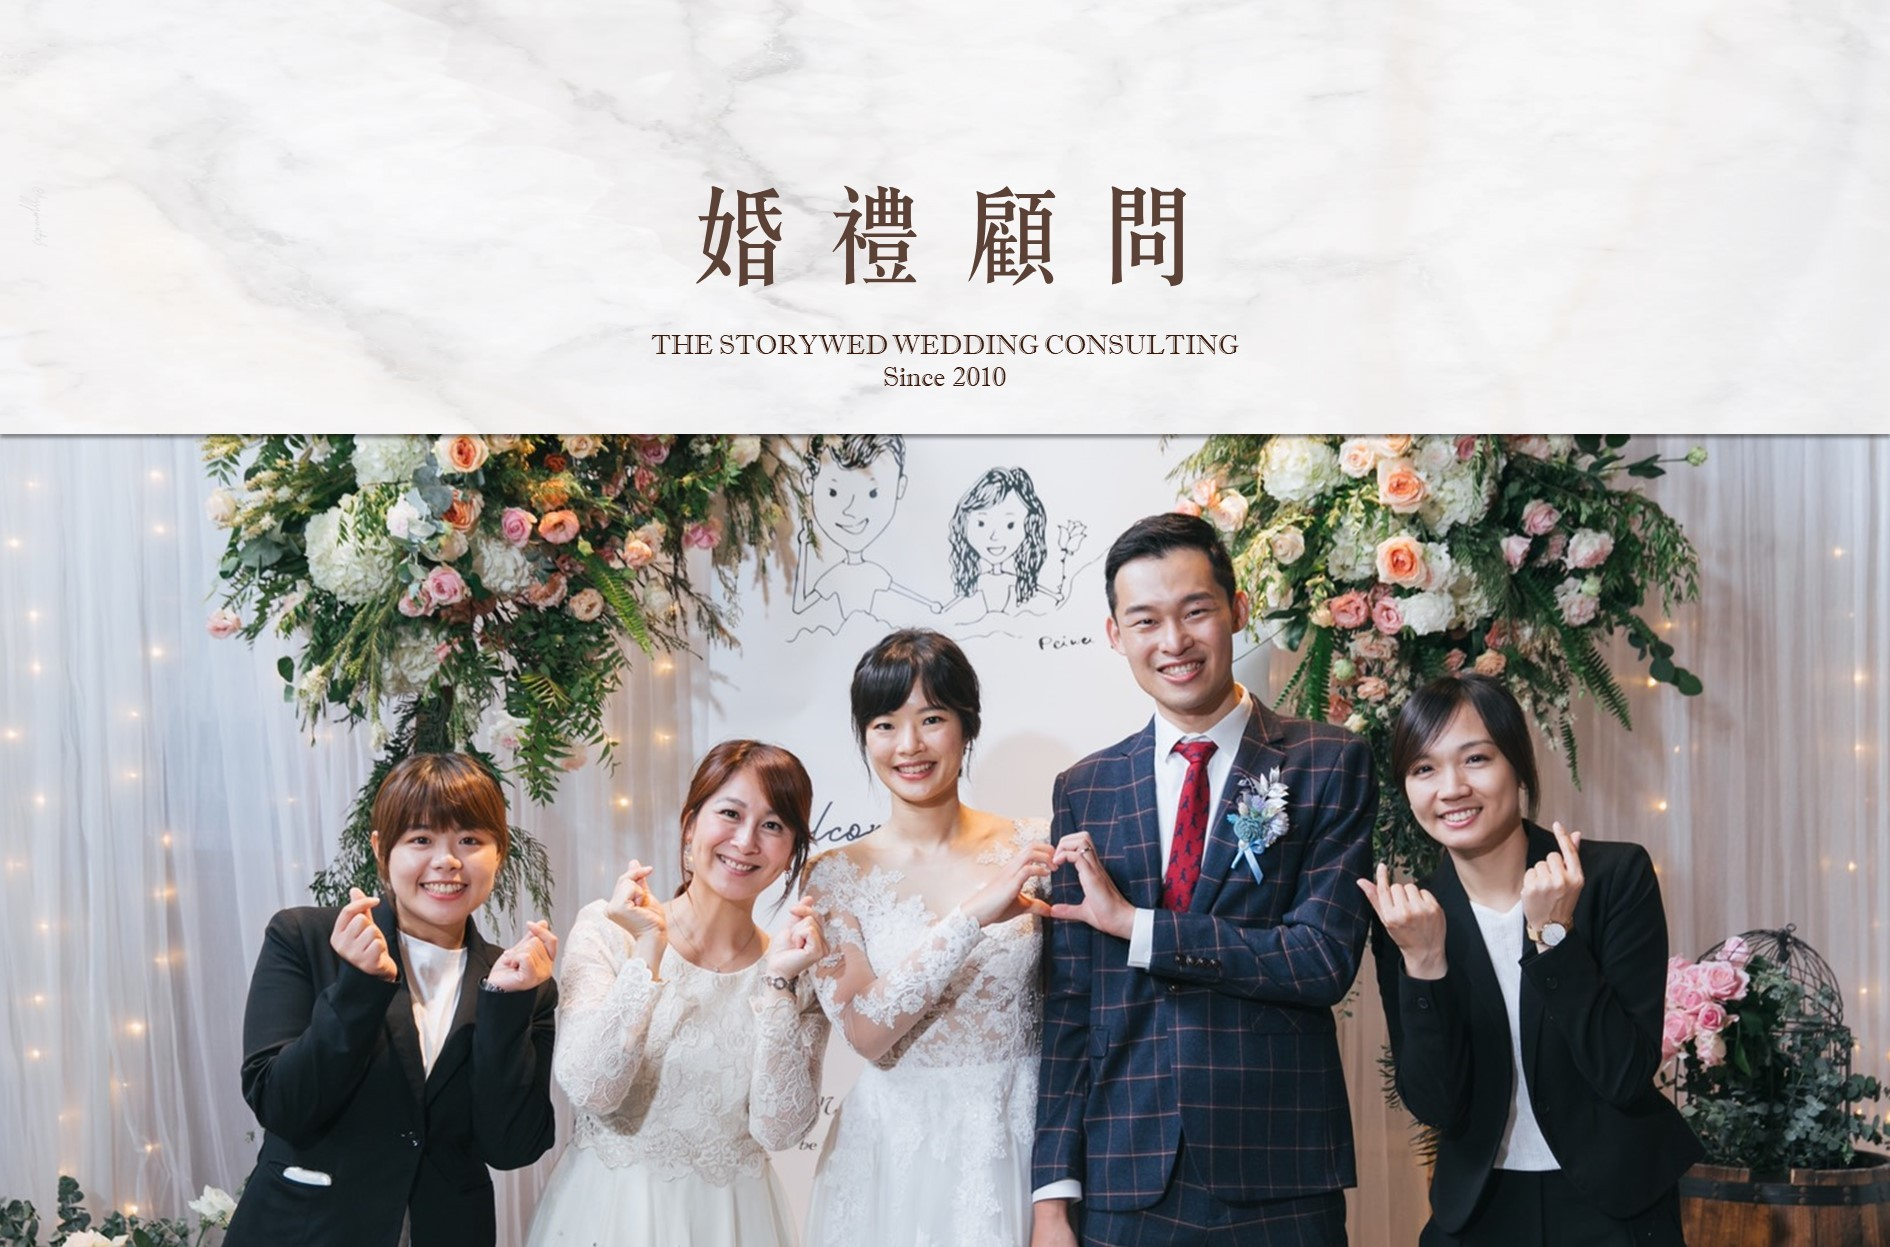 【服務介紹】婚禮顧問